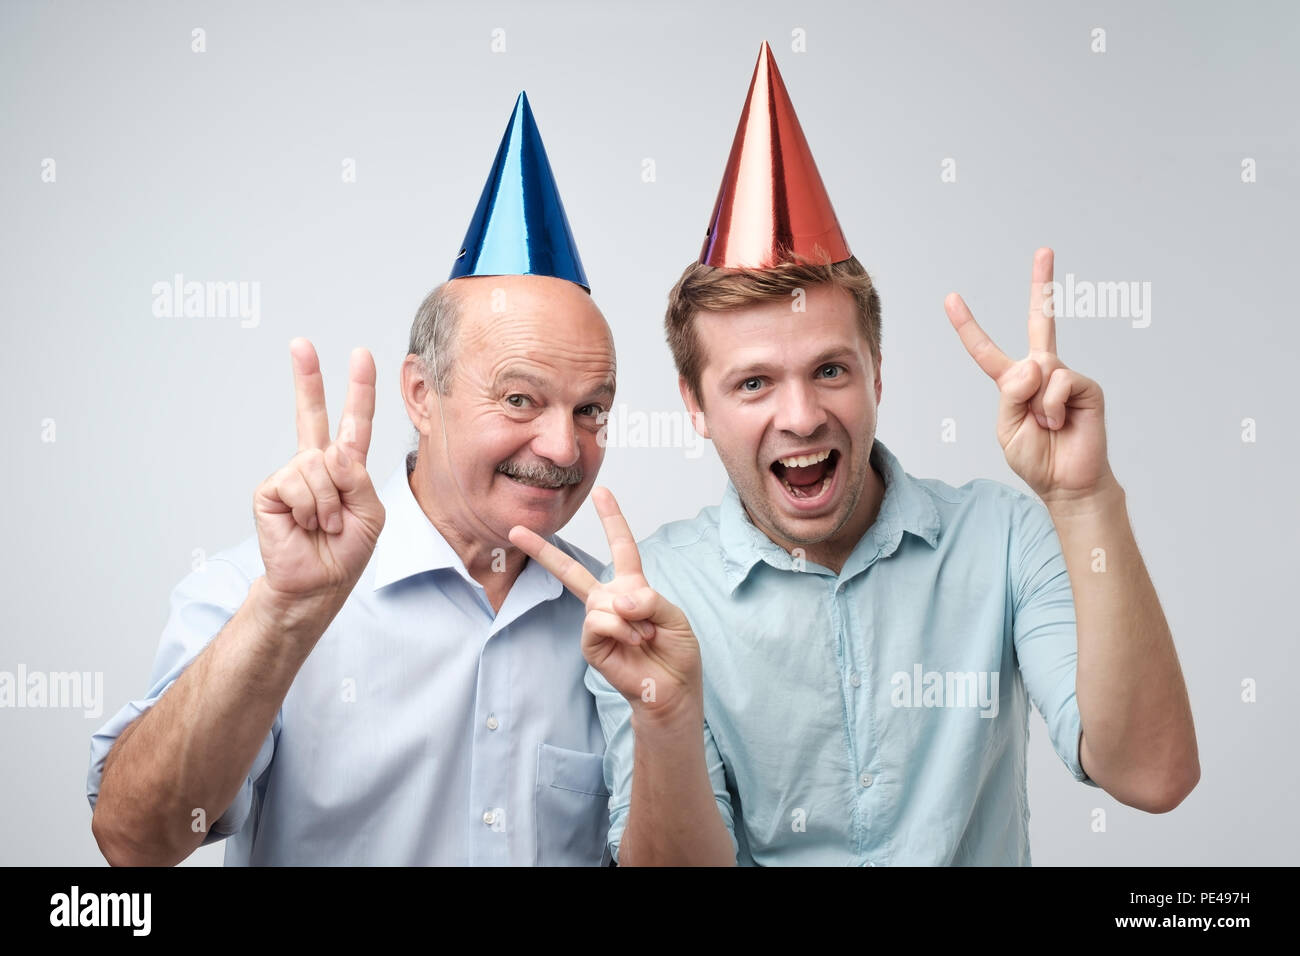 Reifer Mann Und Seinem Jungen Sohn Feiert Geburtstag Lustige Kappen